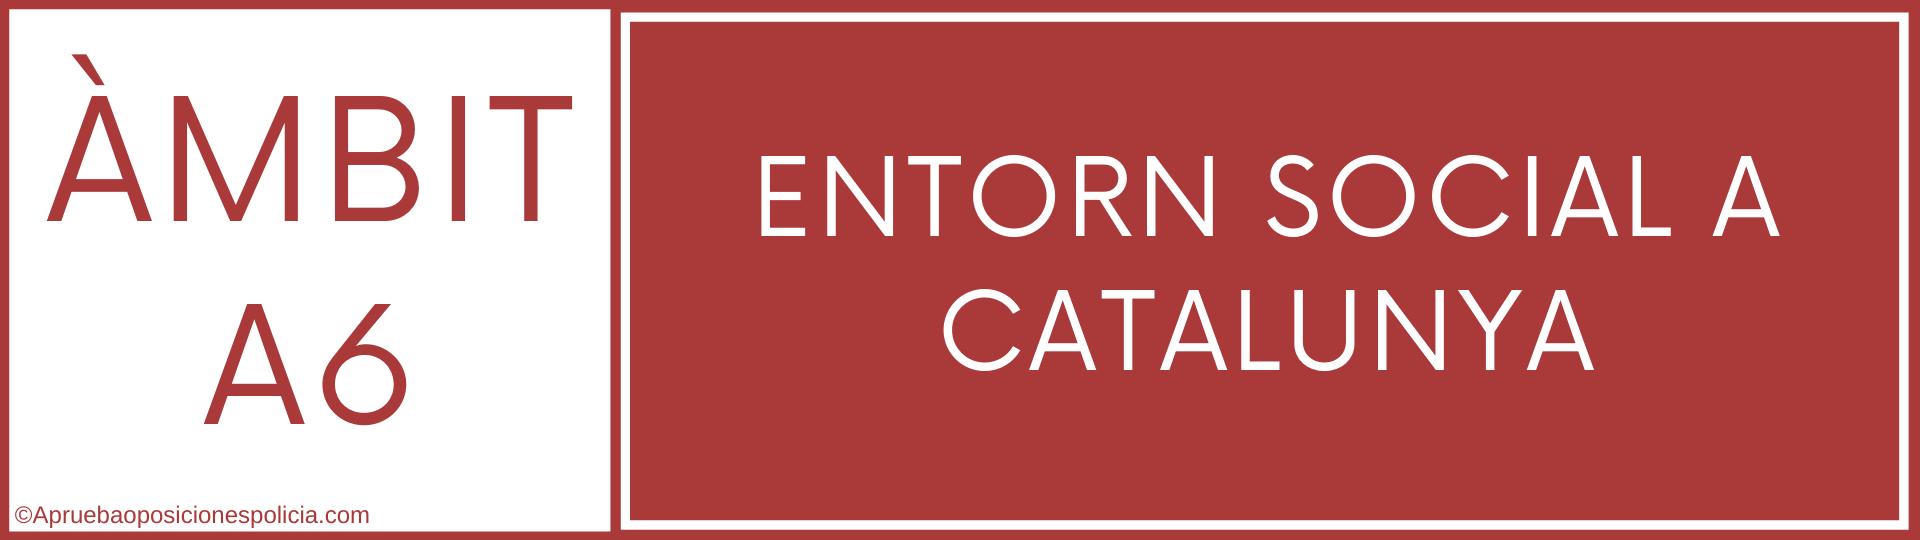 Tema A6 Mossos Entorn Social Catalunya